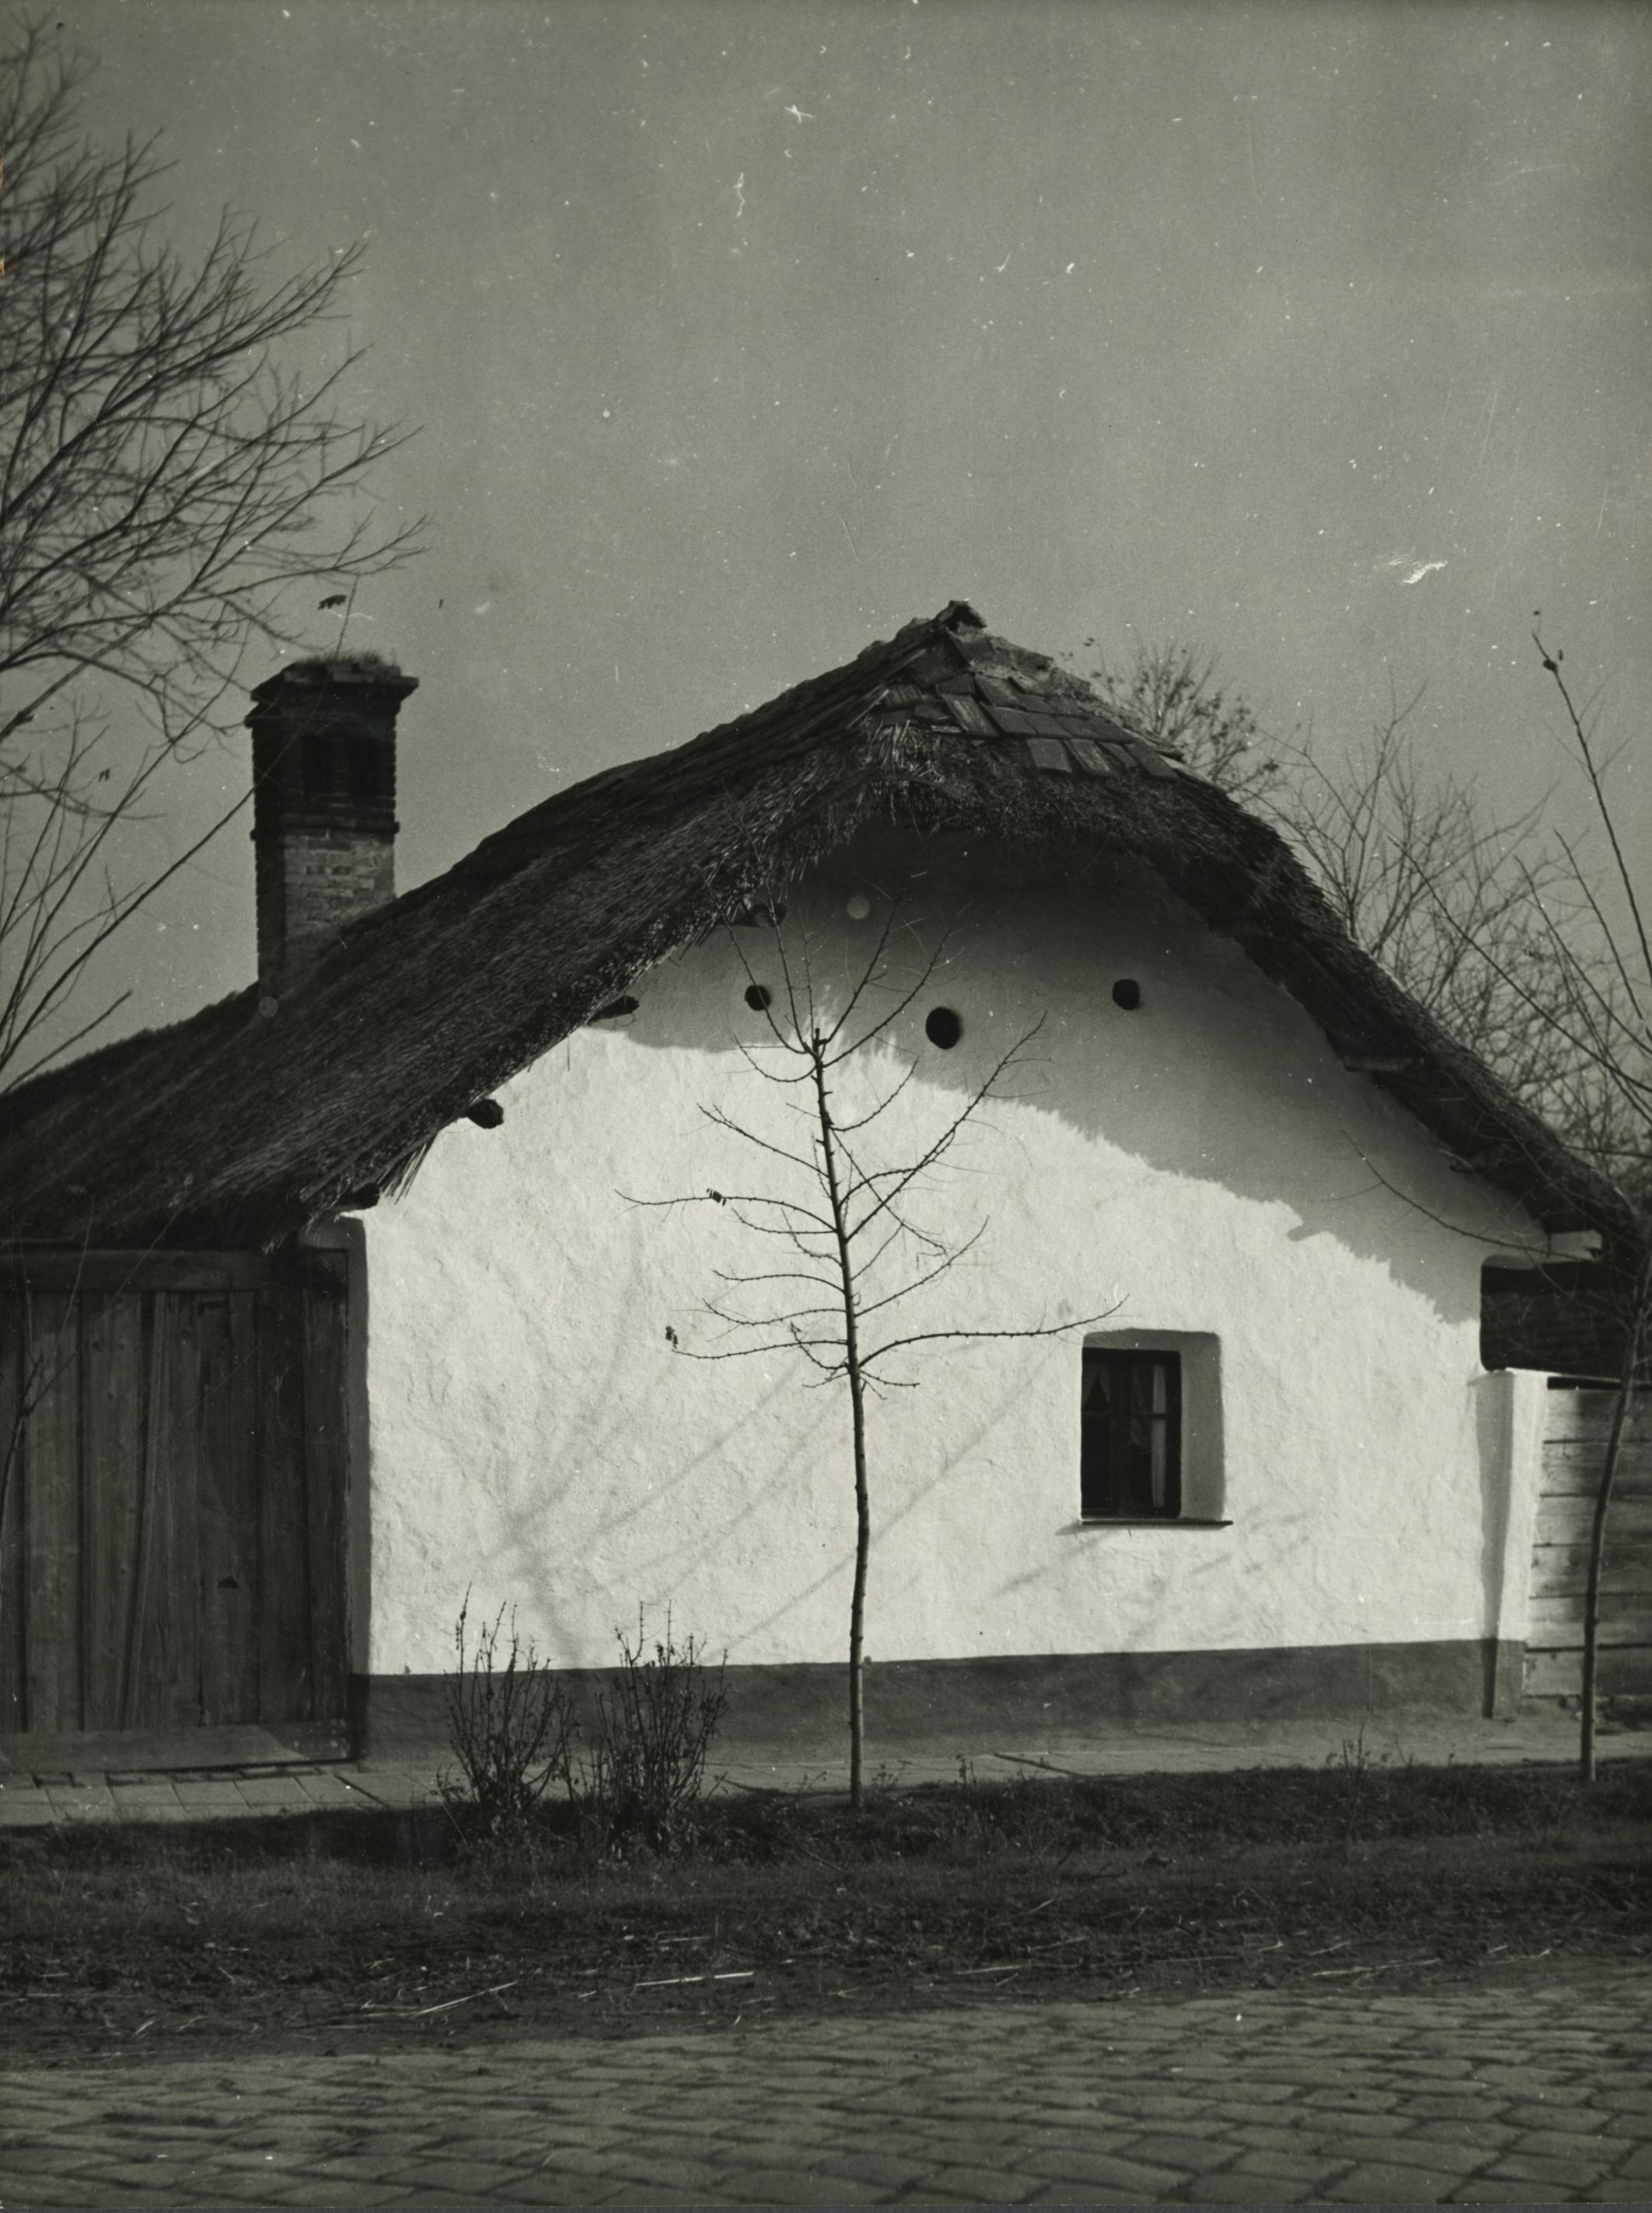 A békési Petőfi Sándor utca 95. szám alatti parasztház